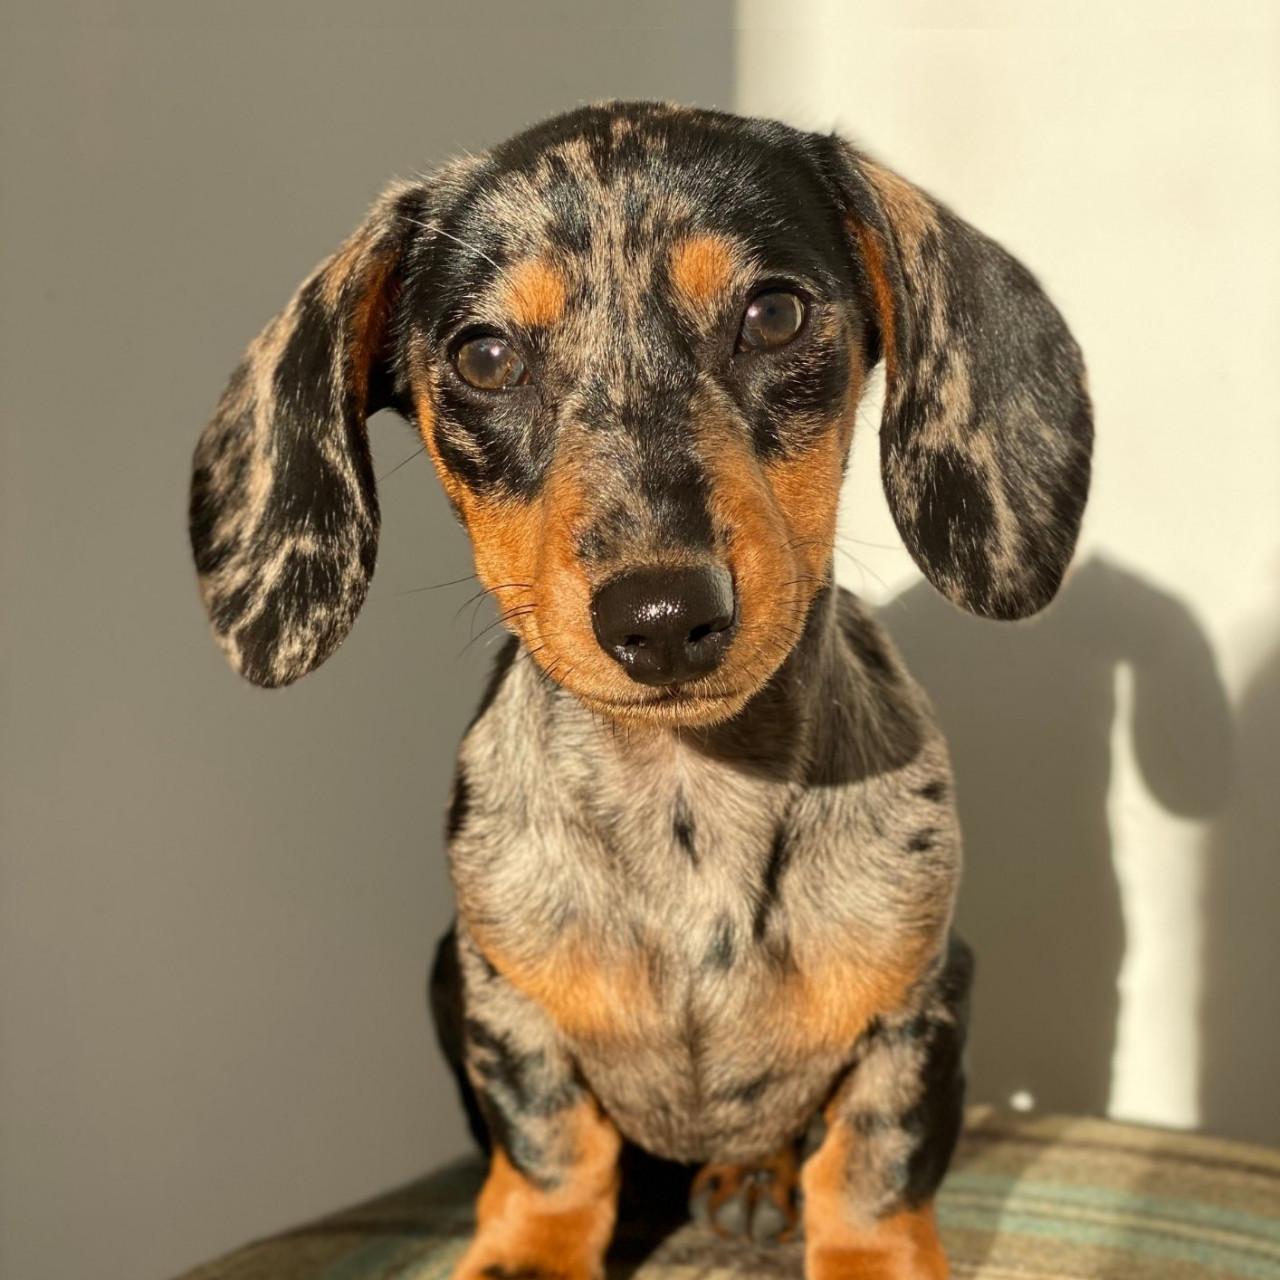 Dachsund puppy training